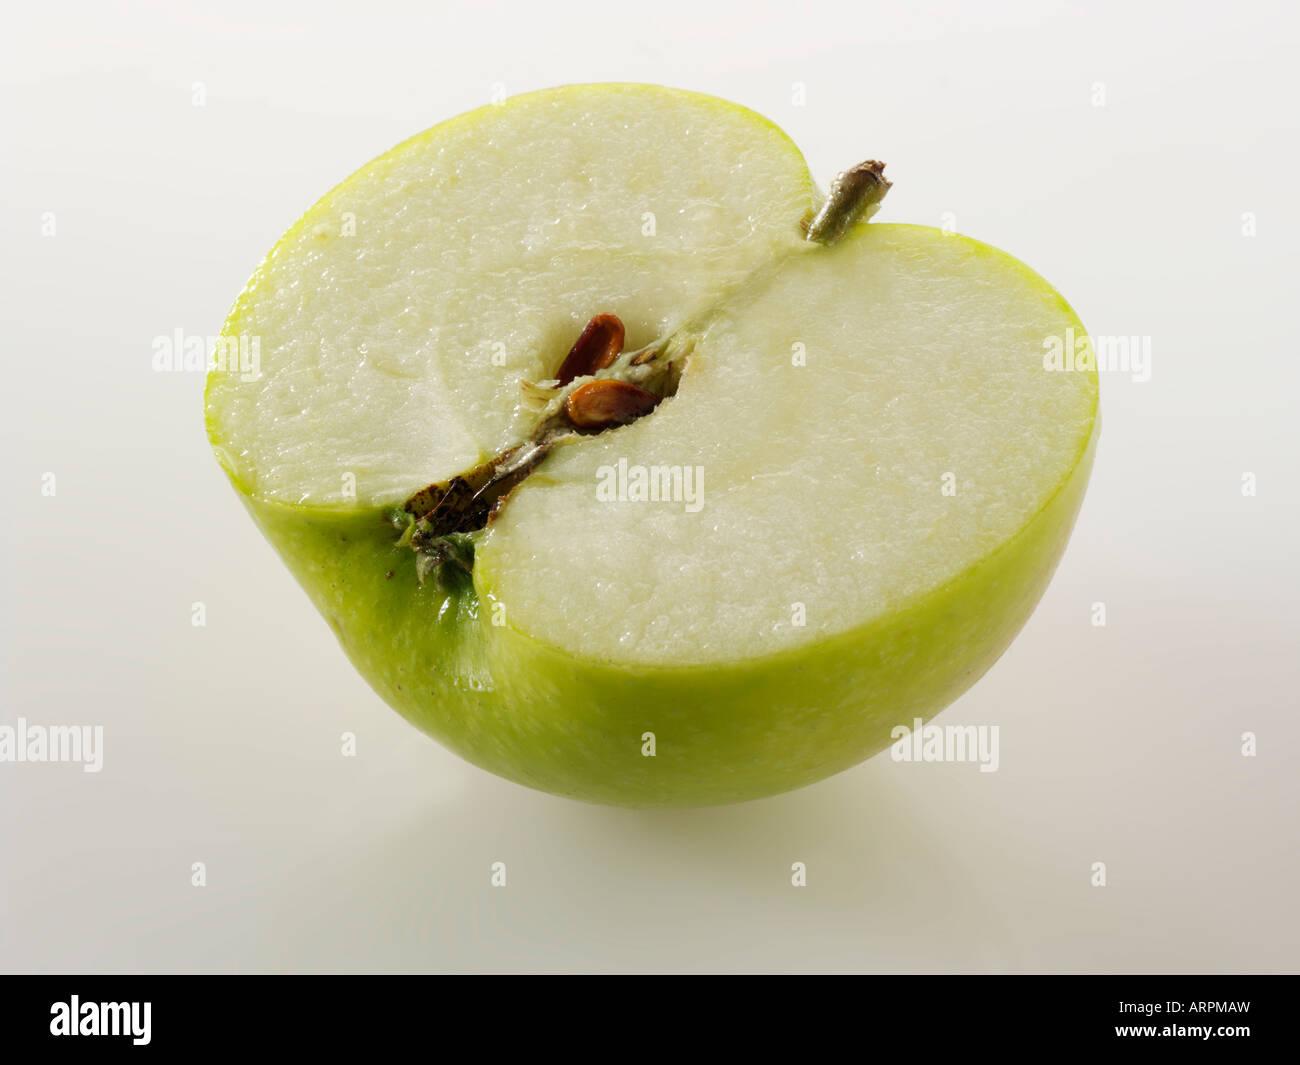 British organico Bramley apple - tagliare contro uno sfondo bianco Immagini Stock